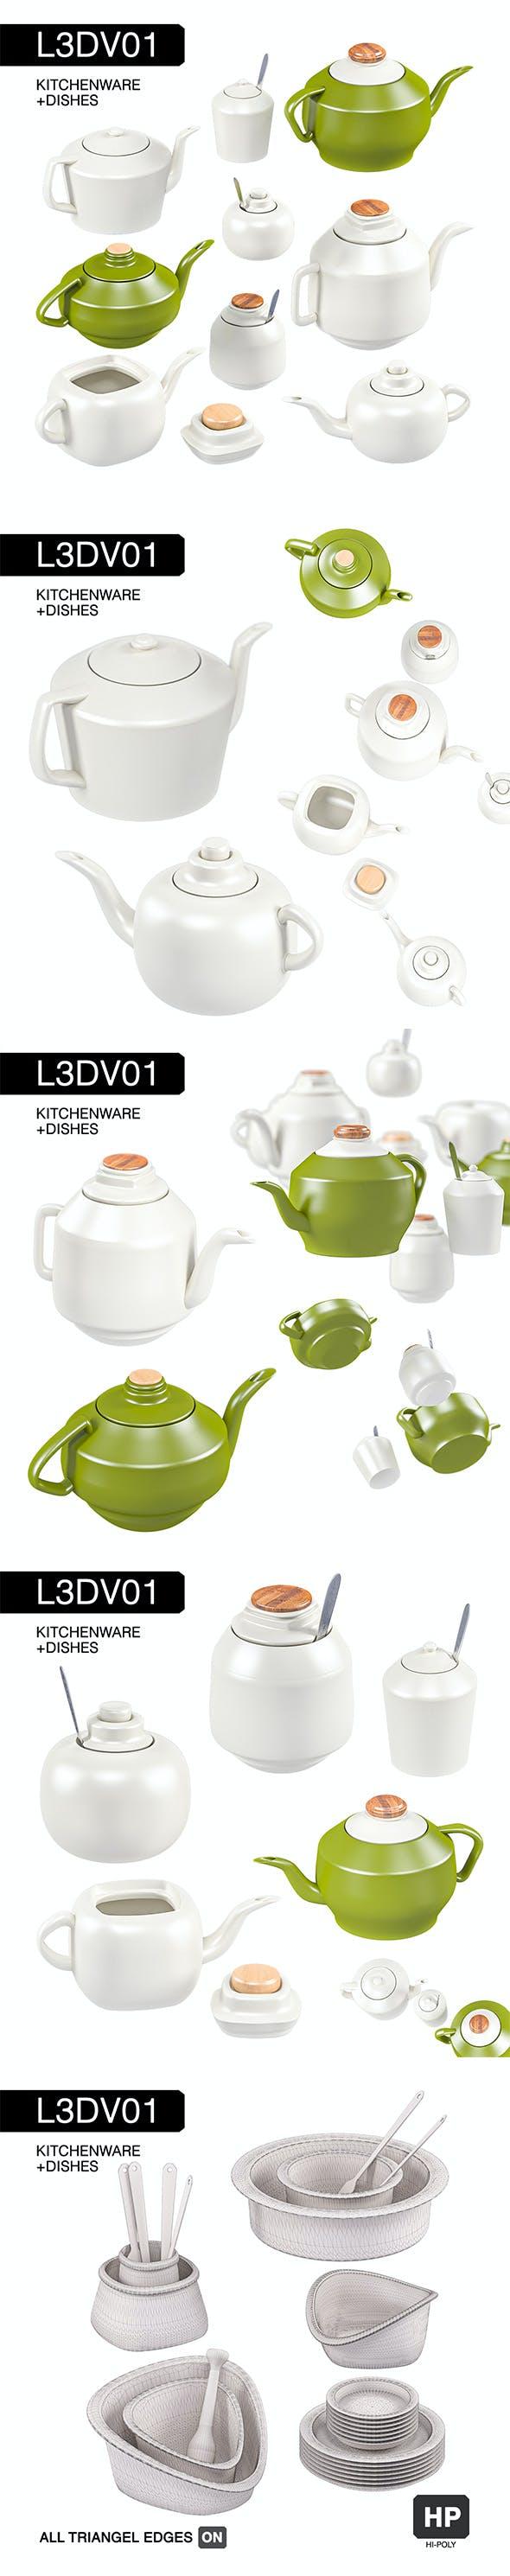 L3DV01G04 - kitchen teapots sugars set - 3DOcean Item for Sale